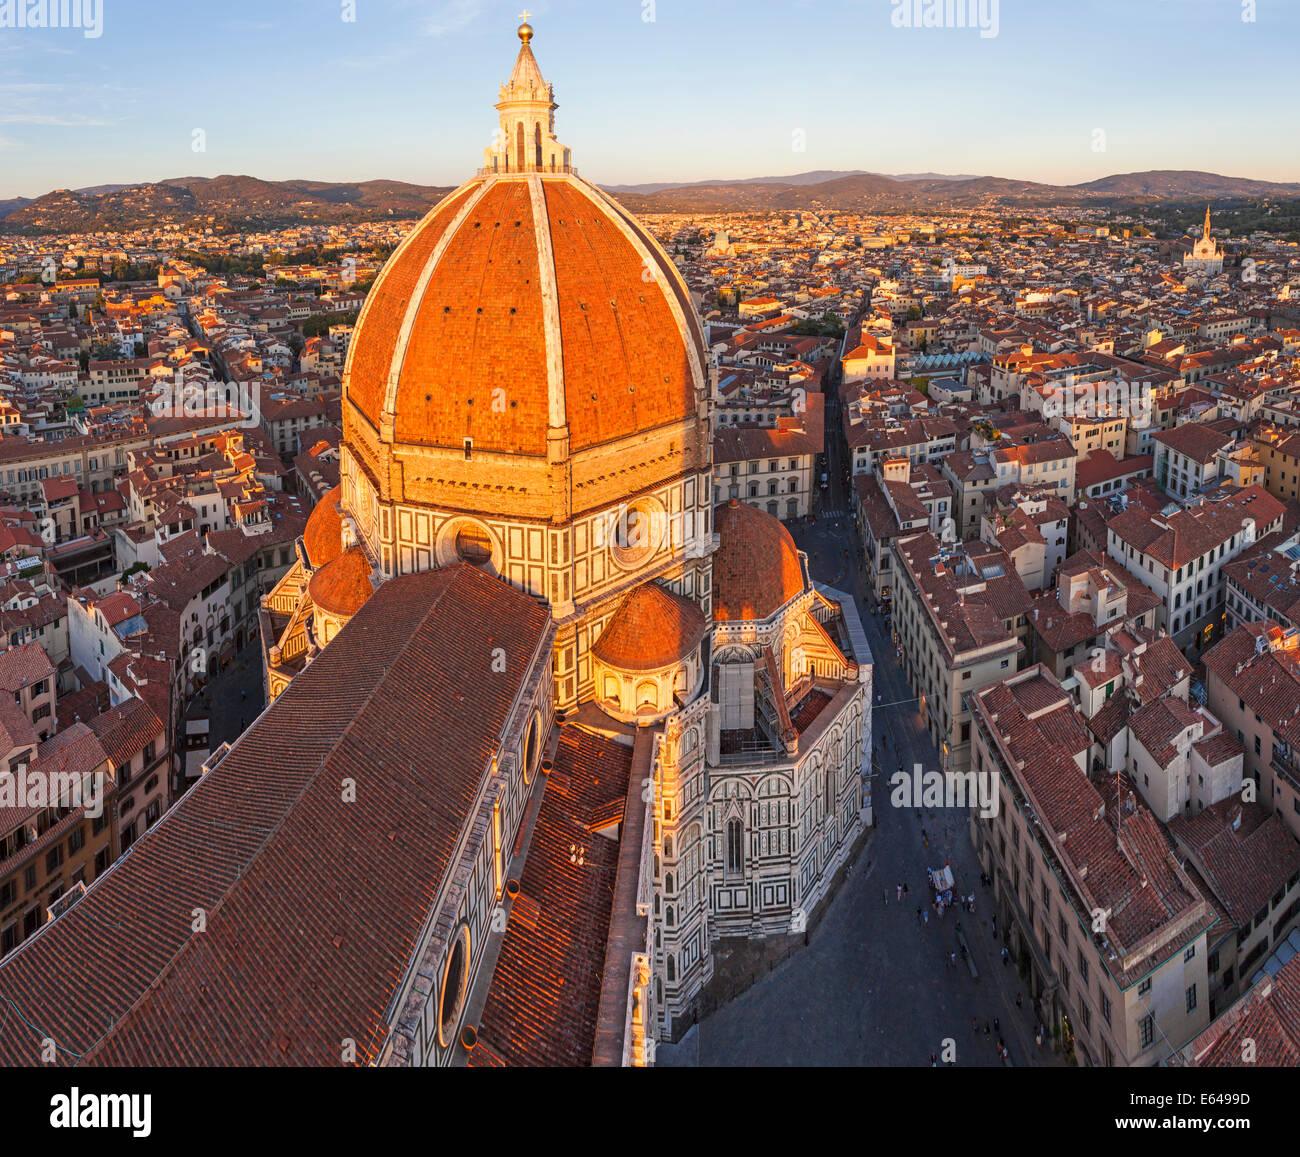 La Basílica de Santa Maria del Fiore y el horizonte en Florencia, Italia. Imagen De Stock